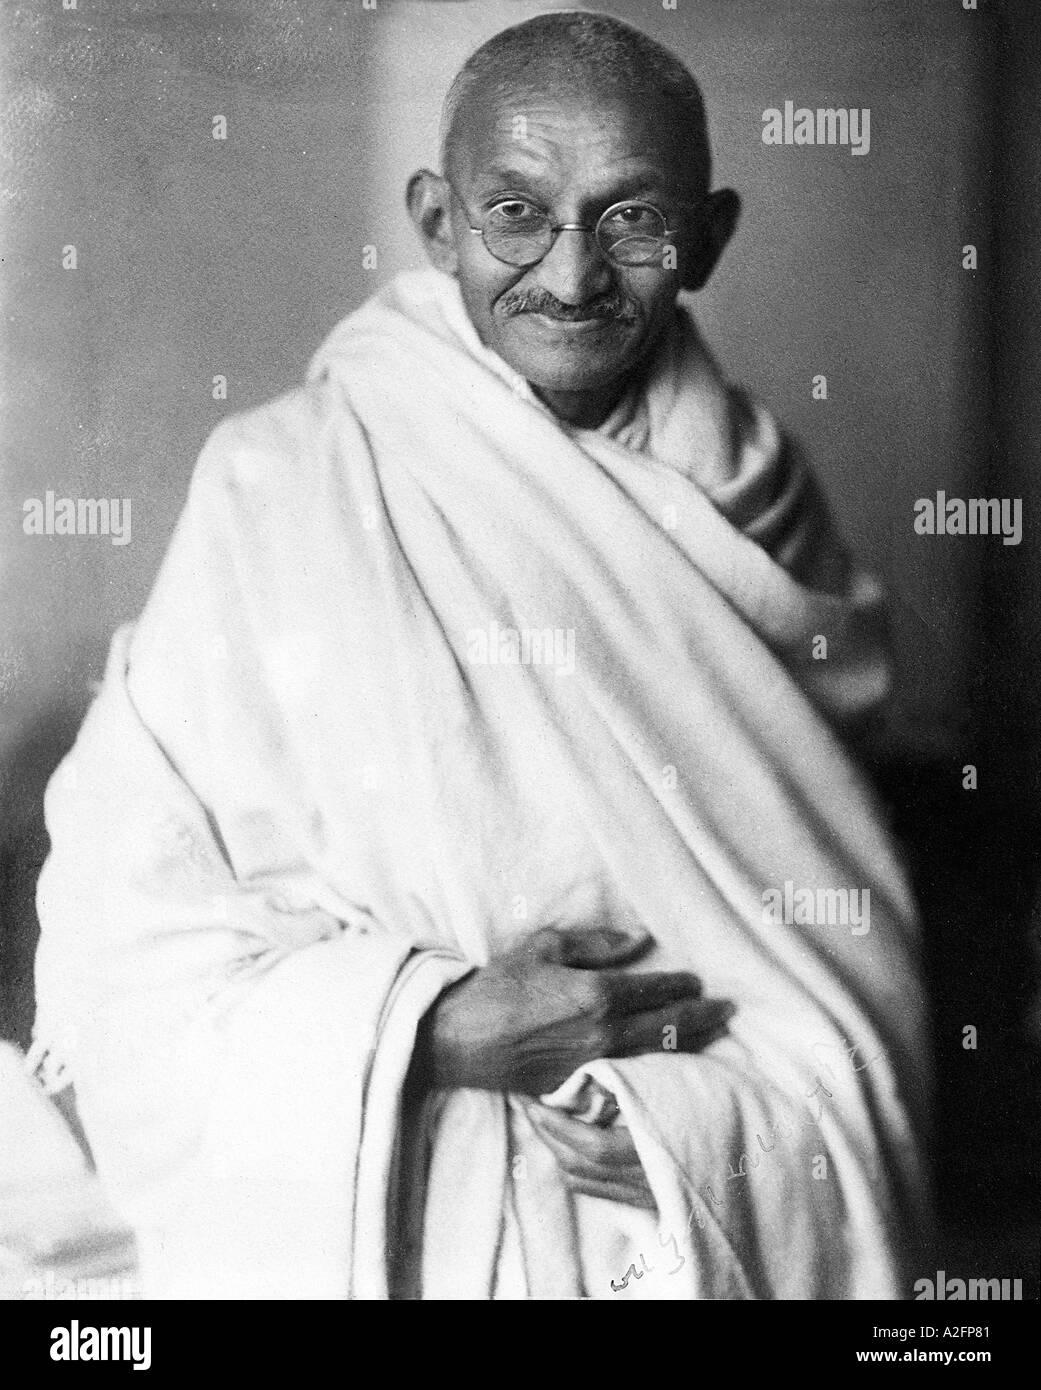 Mahatma Gandhi raro studio fotografia tirada em Londres, Inglaterra, a pedido do senhor Irwin 1931 Imagens de Stock